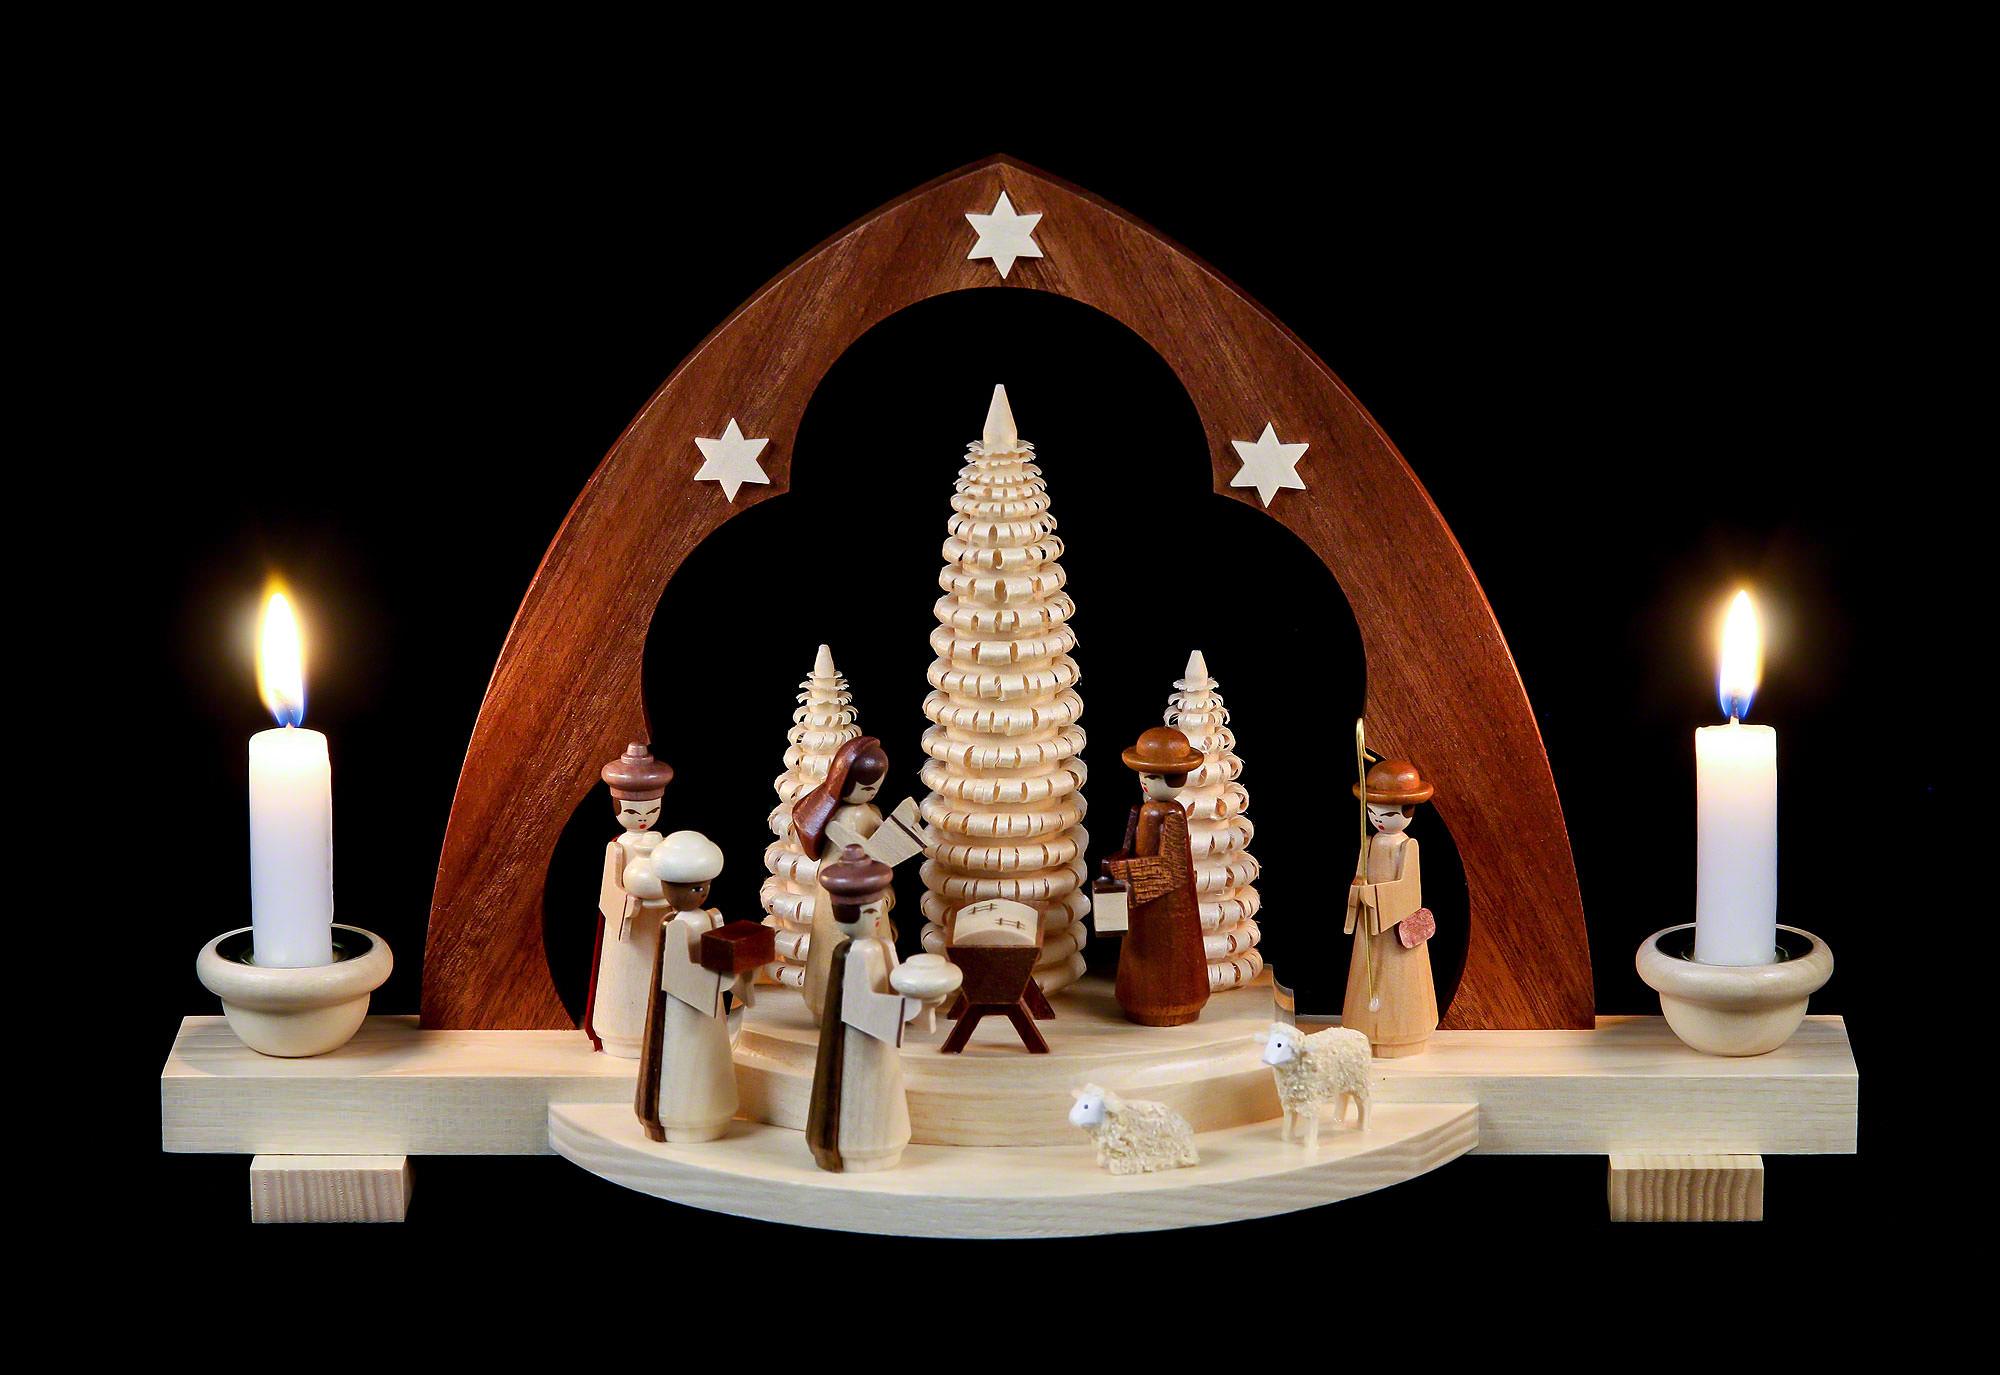 candle arch nativity scene 30 cm 12in by m ller kleinkunst. Black Bedroom Furniture Sets. Home Design Ideas